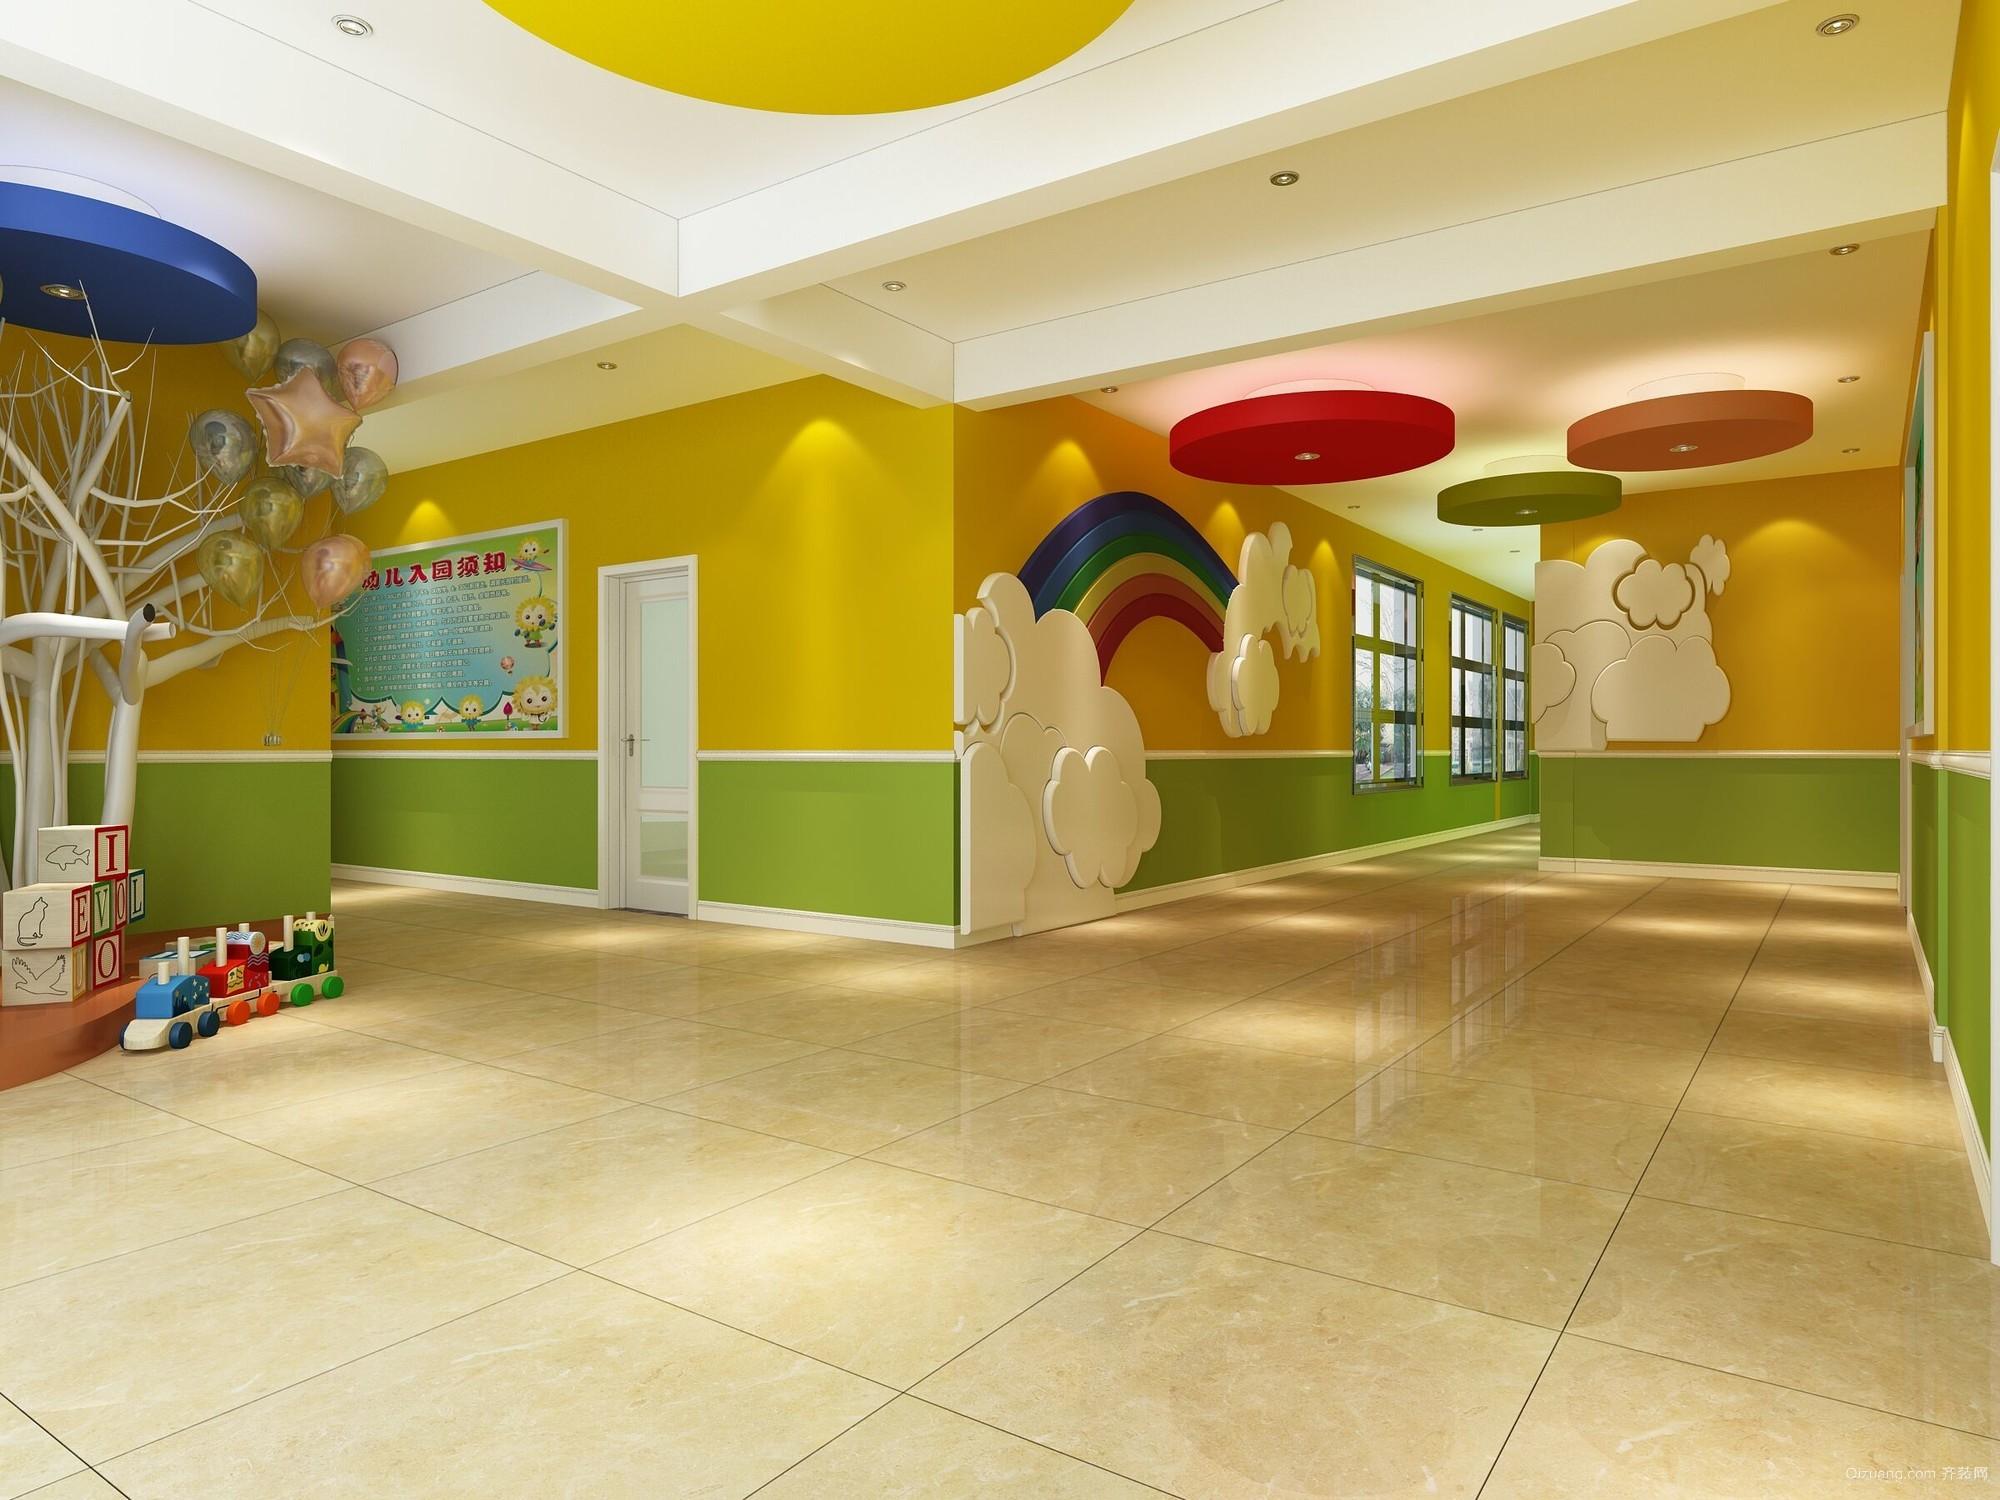 安宇幼儿园其他装修效果图实景图